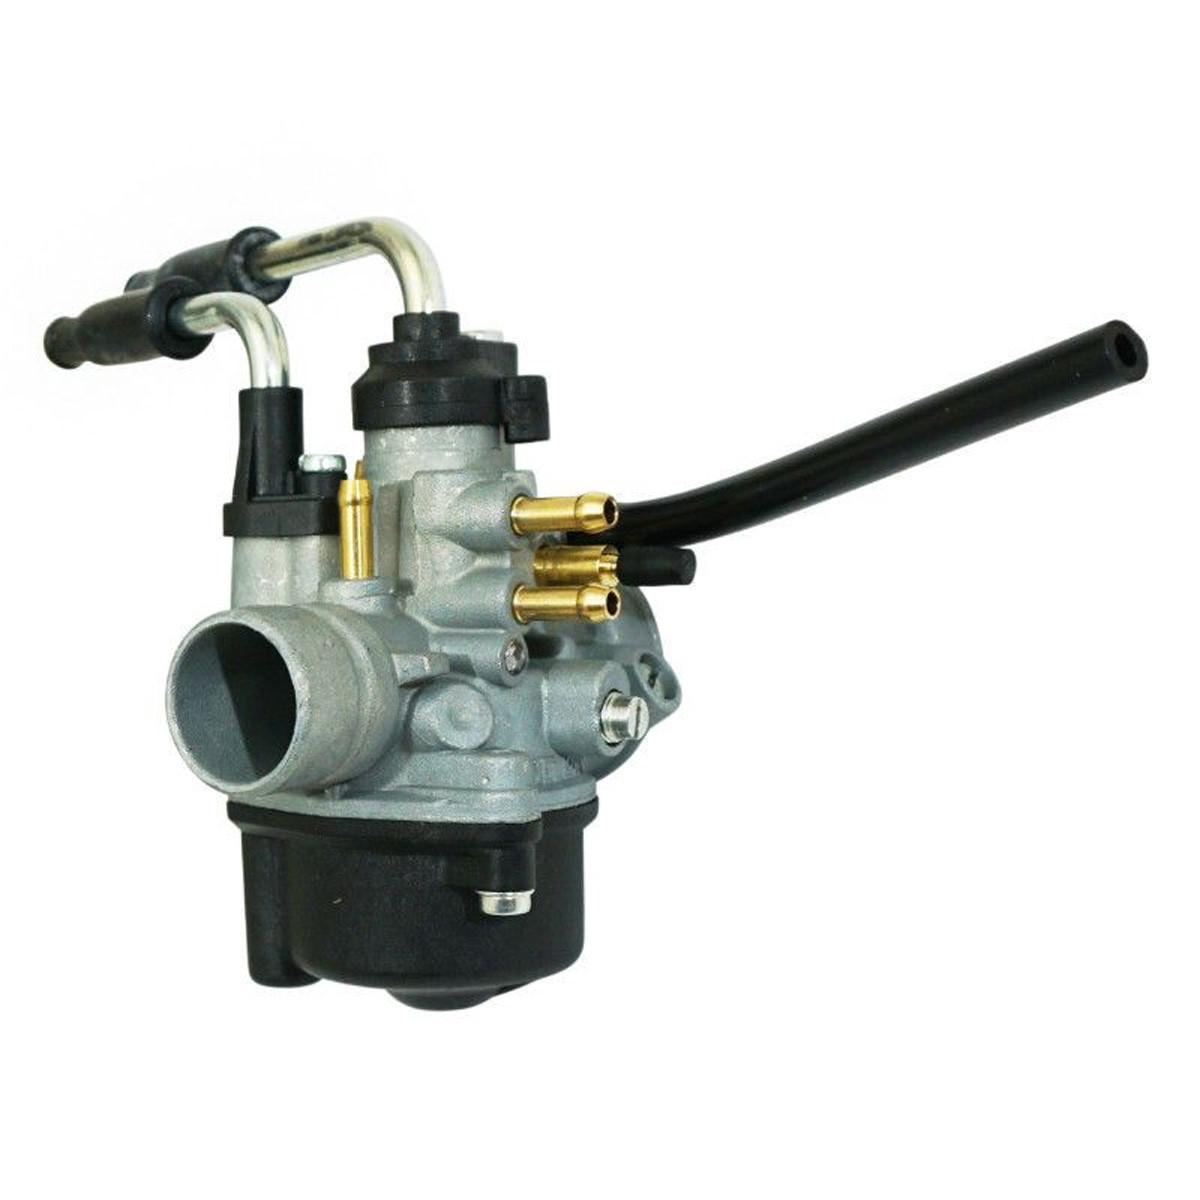 Carburateur 17.5mm PHBN LS - Dellorto Starter à câble / Réchauffeur